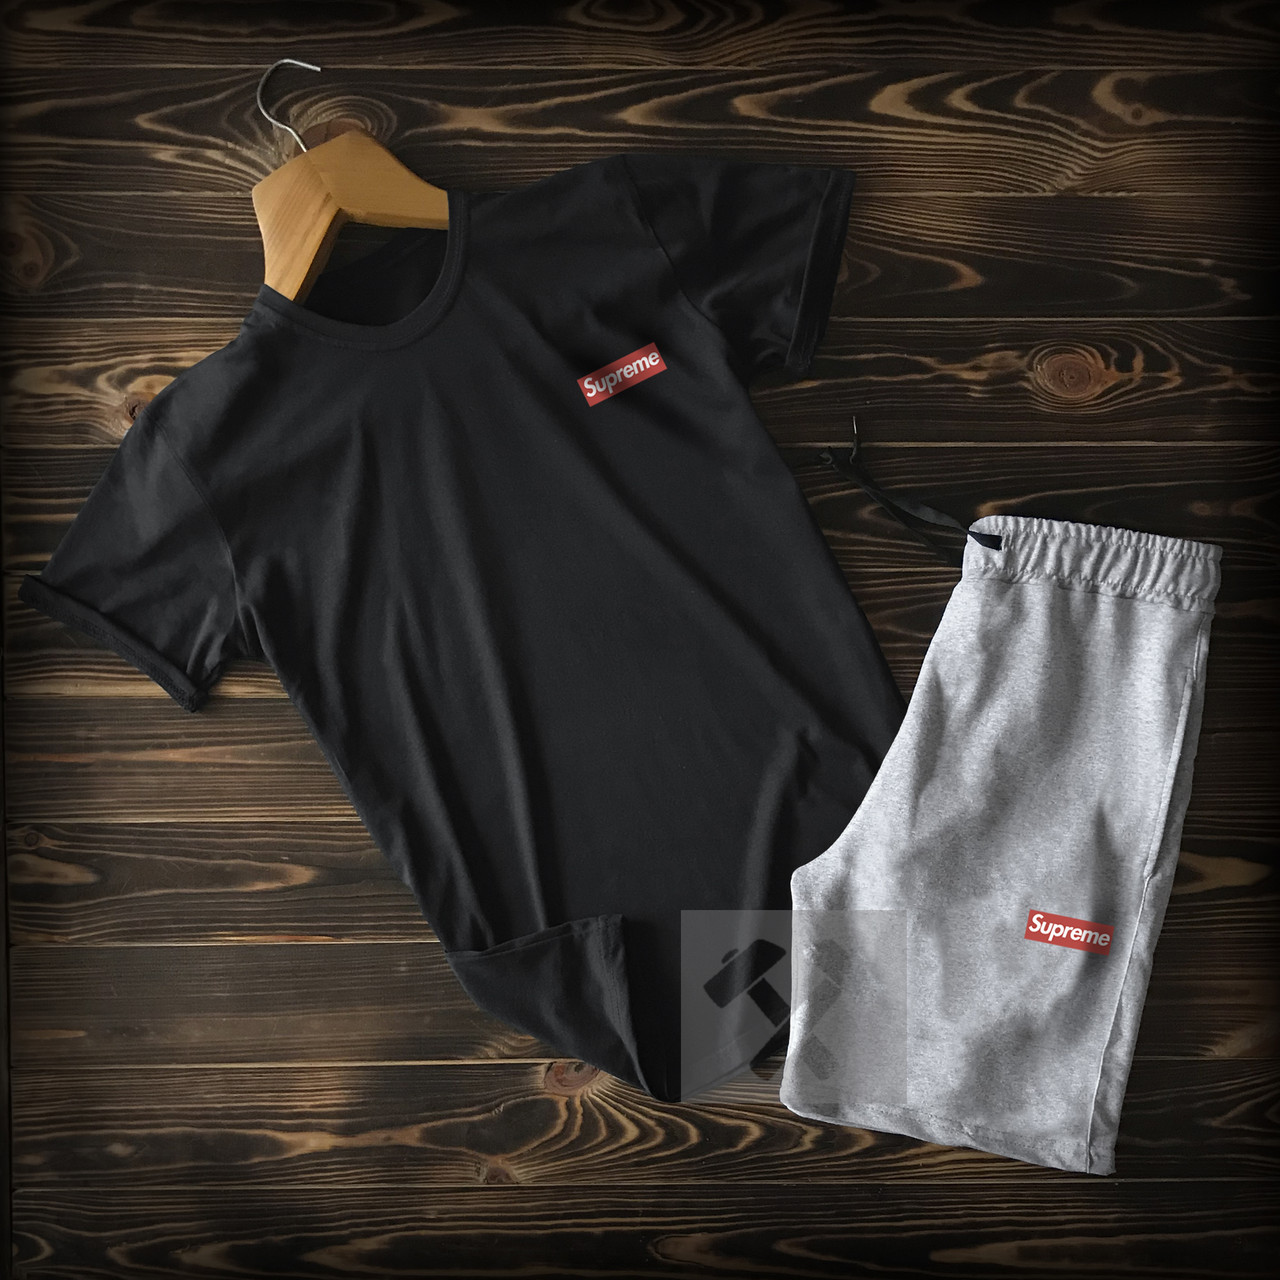 Мужская футболка и шорты Суприм, трикотажная